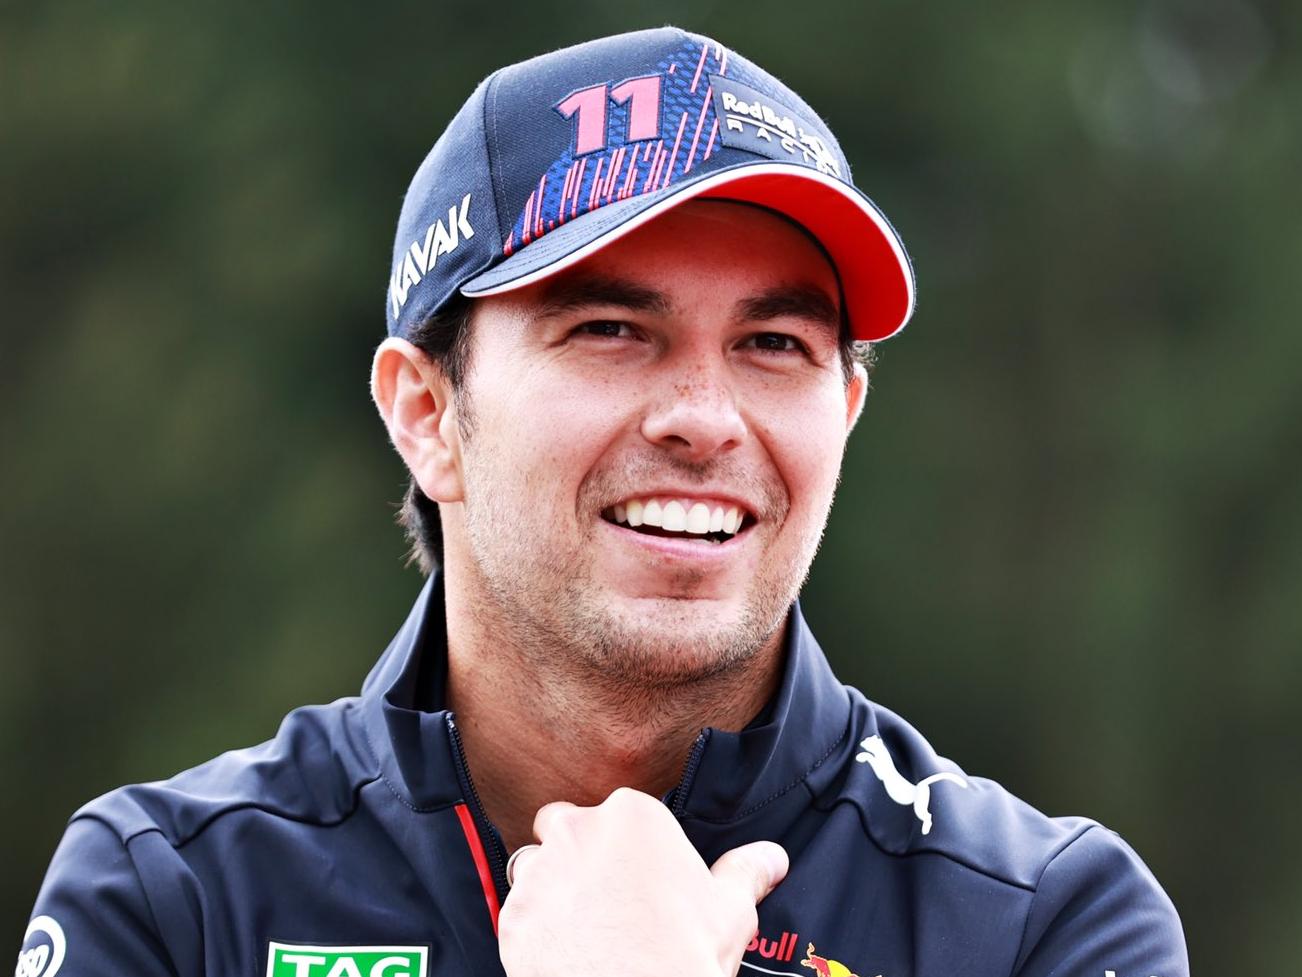 F1: Pérez acredita que administração de pneus pode garantir pódio no Grande Prêmio da Itália